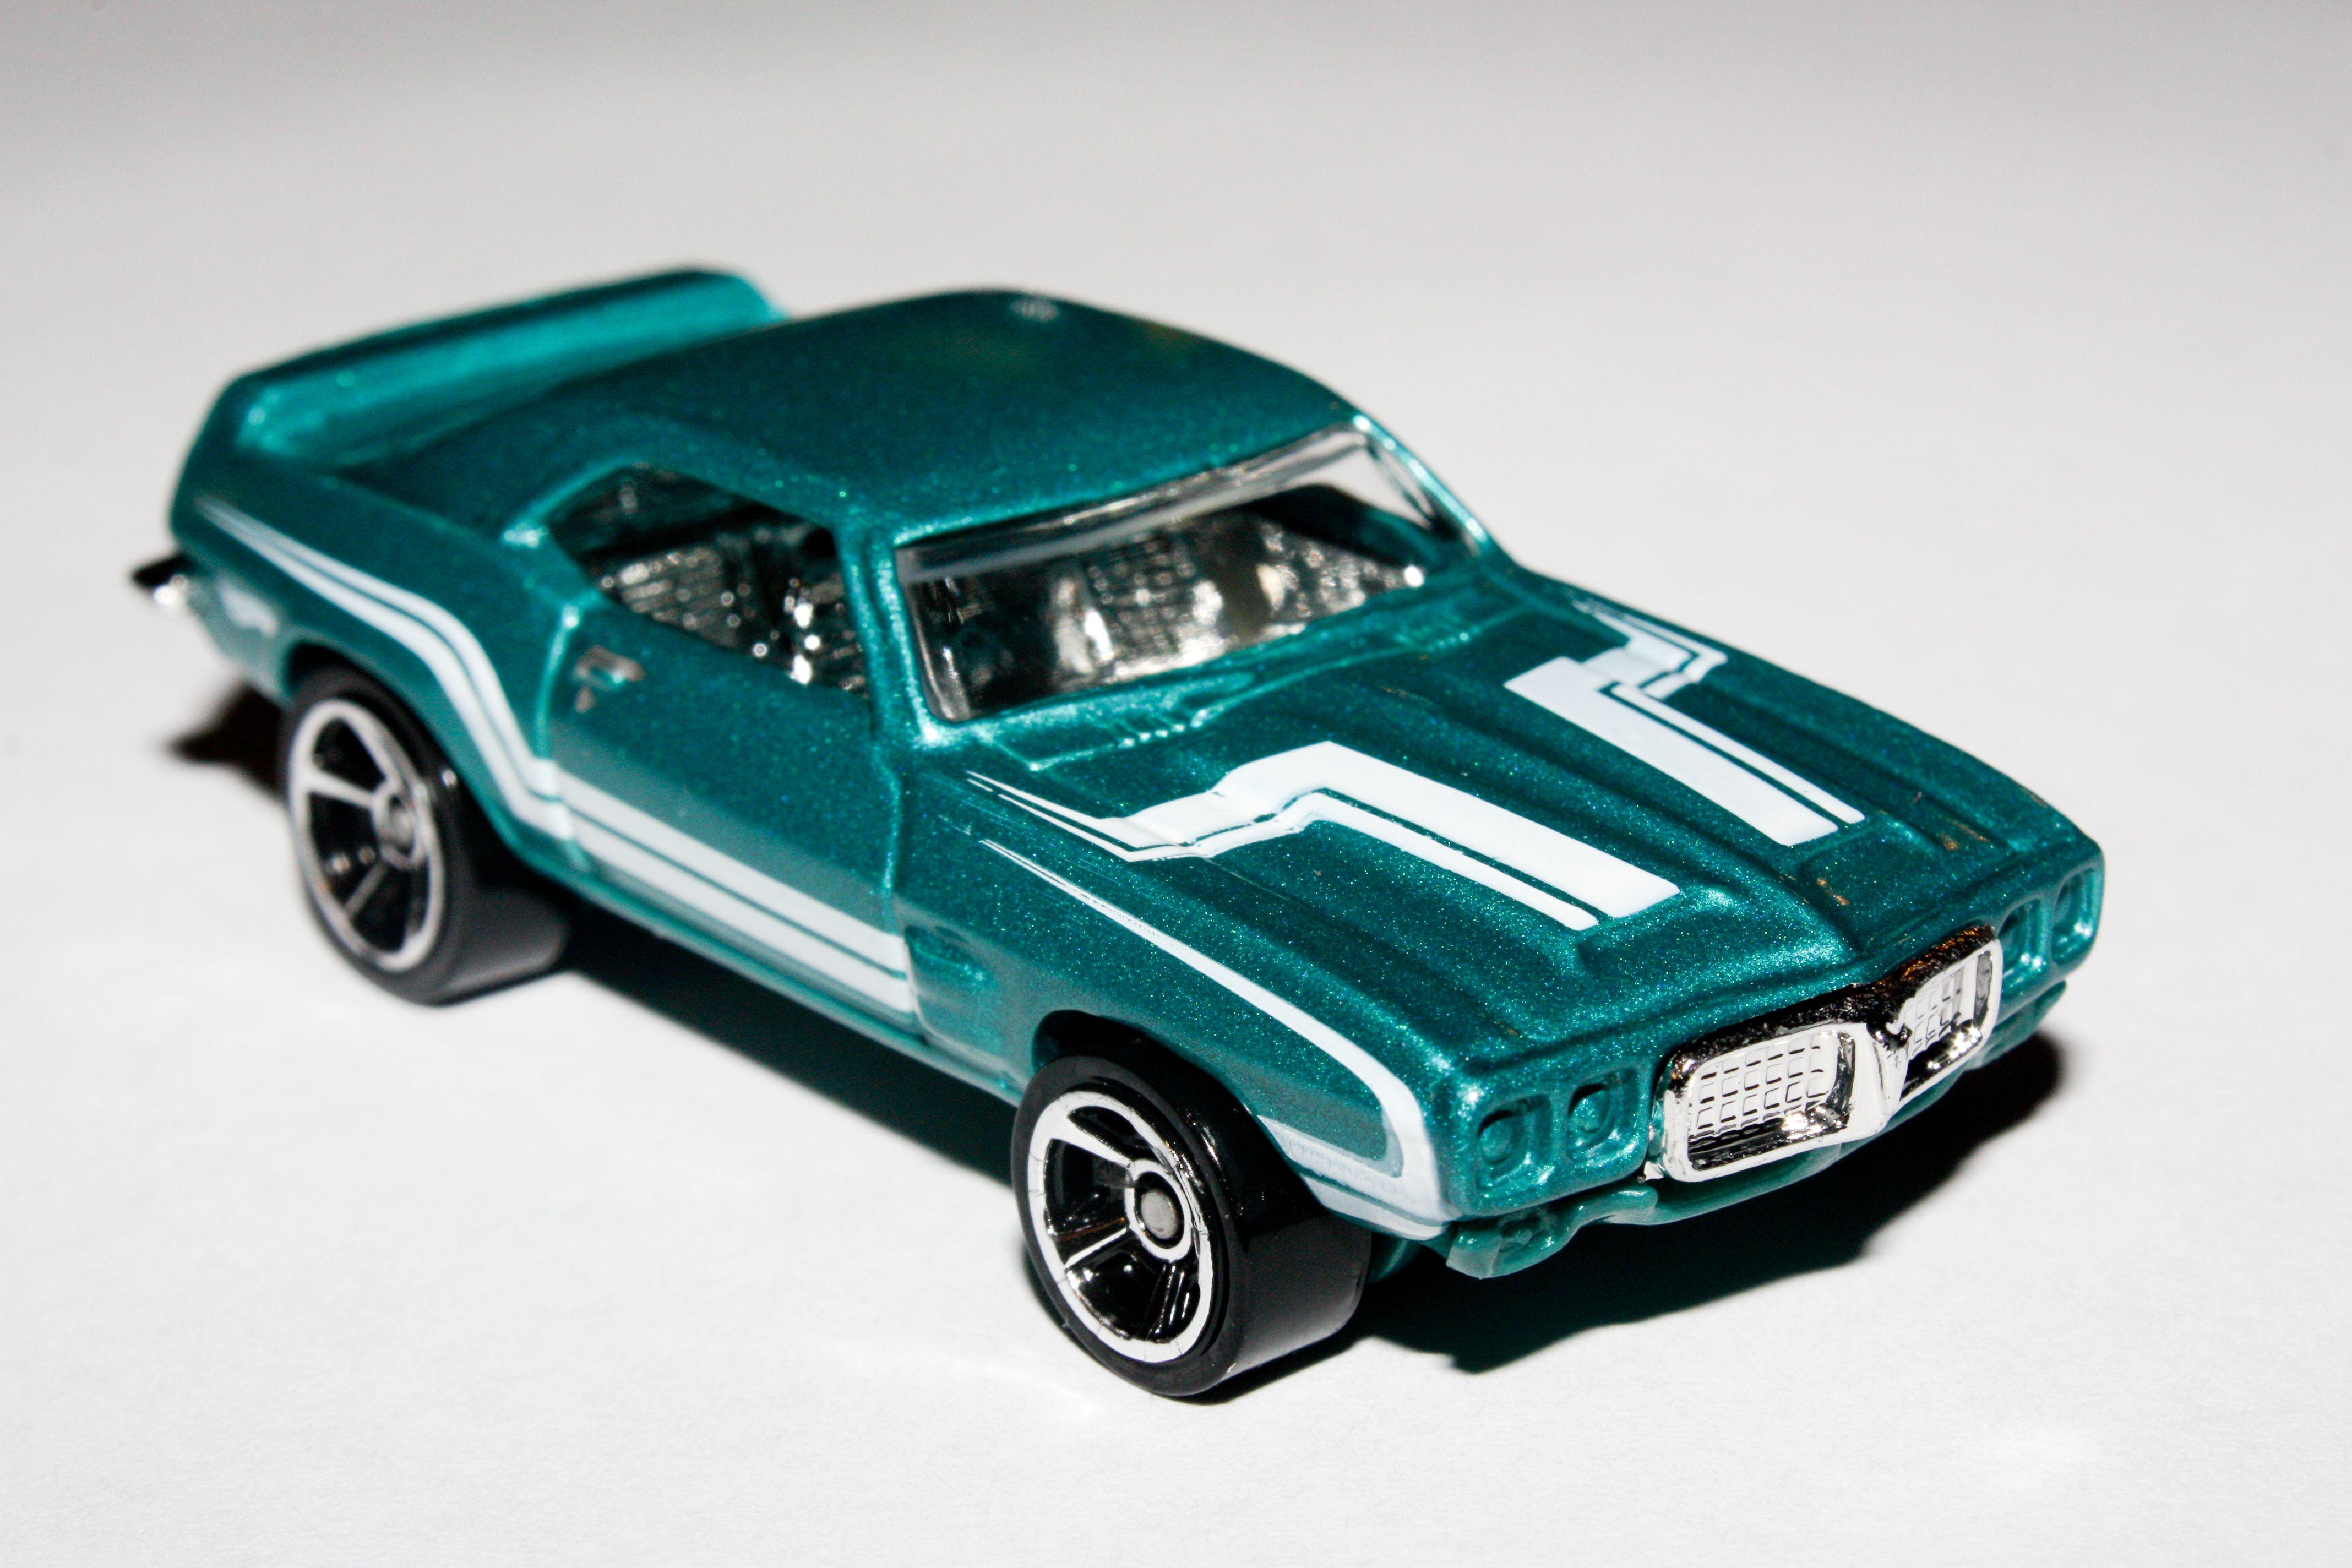 Hot wheels 69 firebird